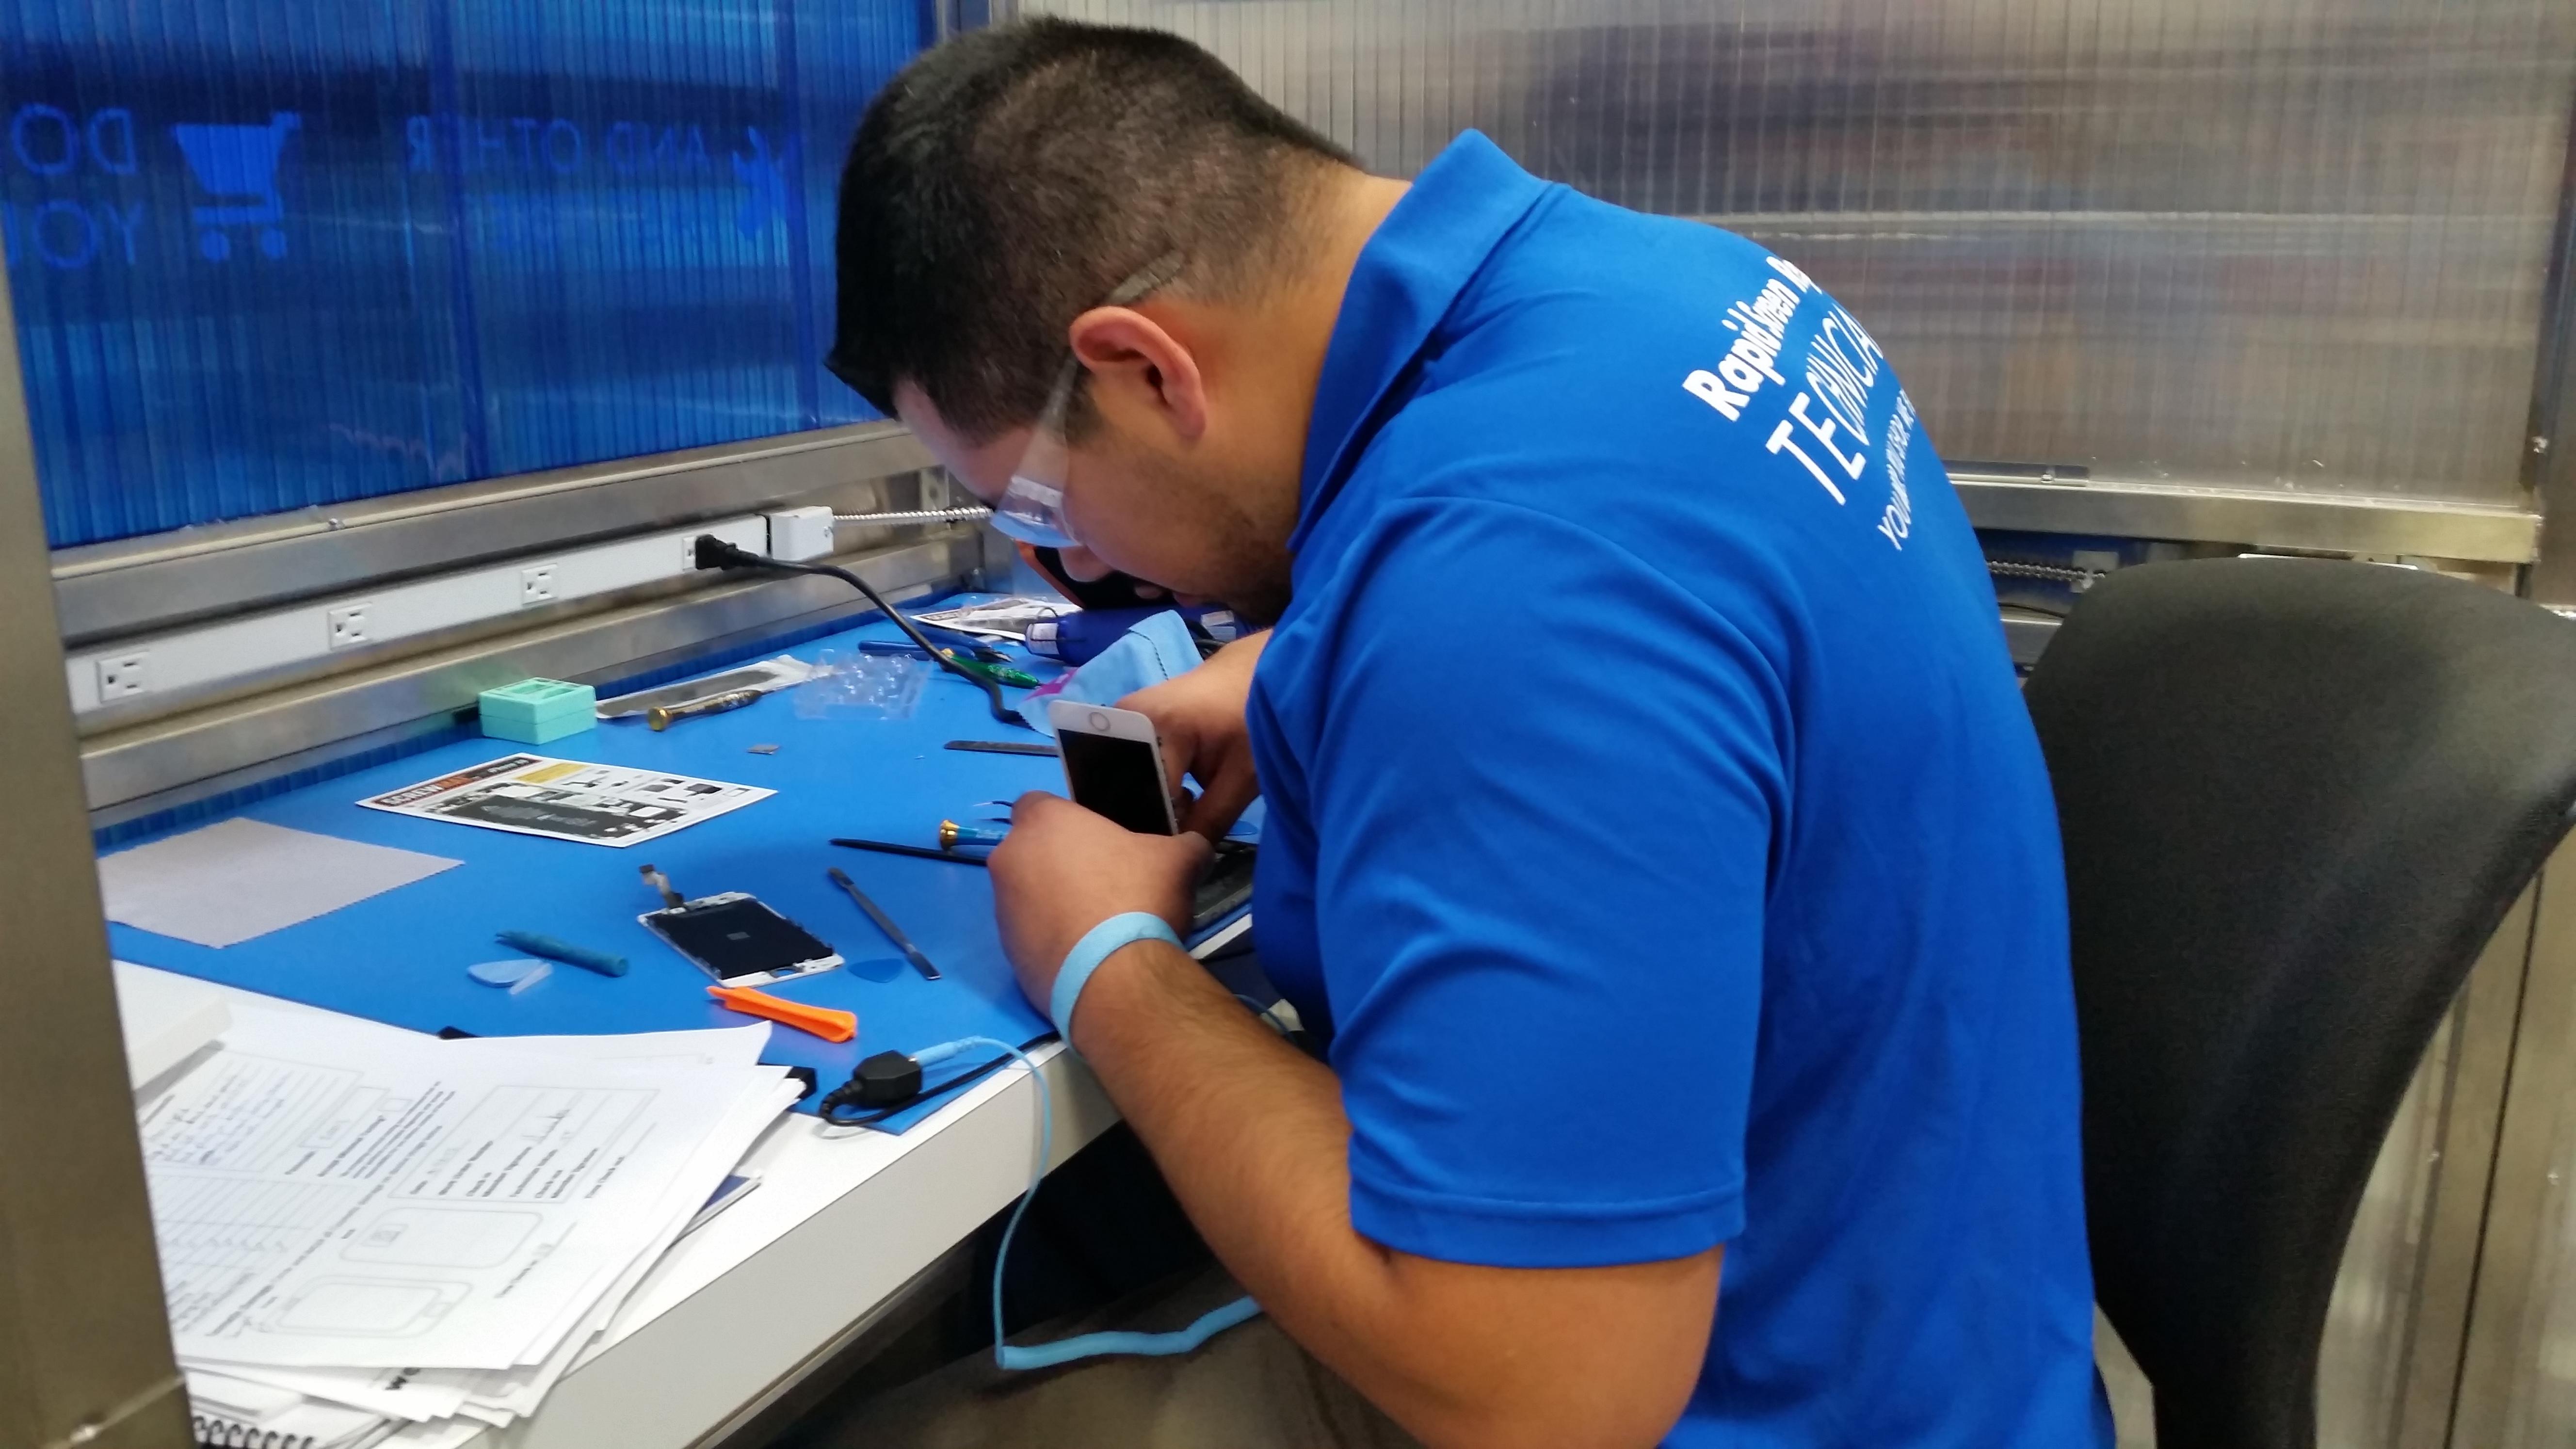 Smartphone Tablet Screen Repair At Sam S Club Giveaway